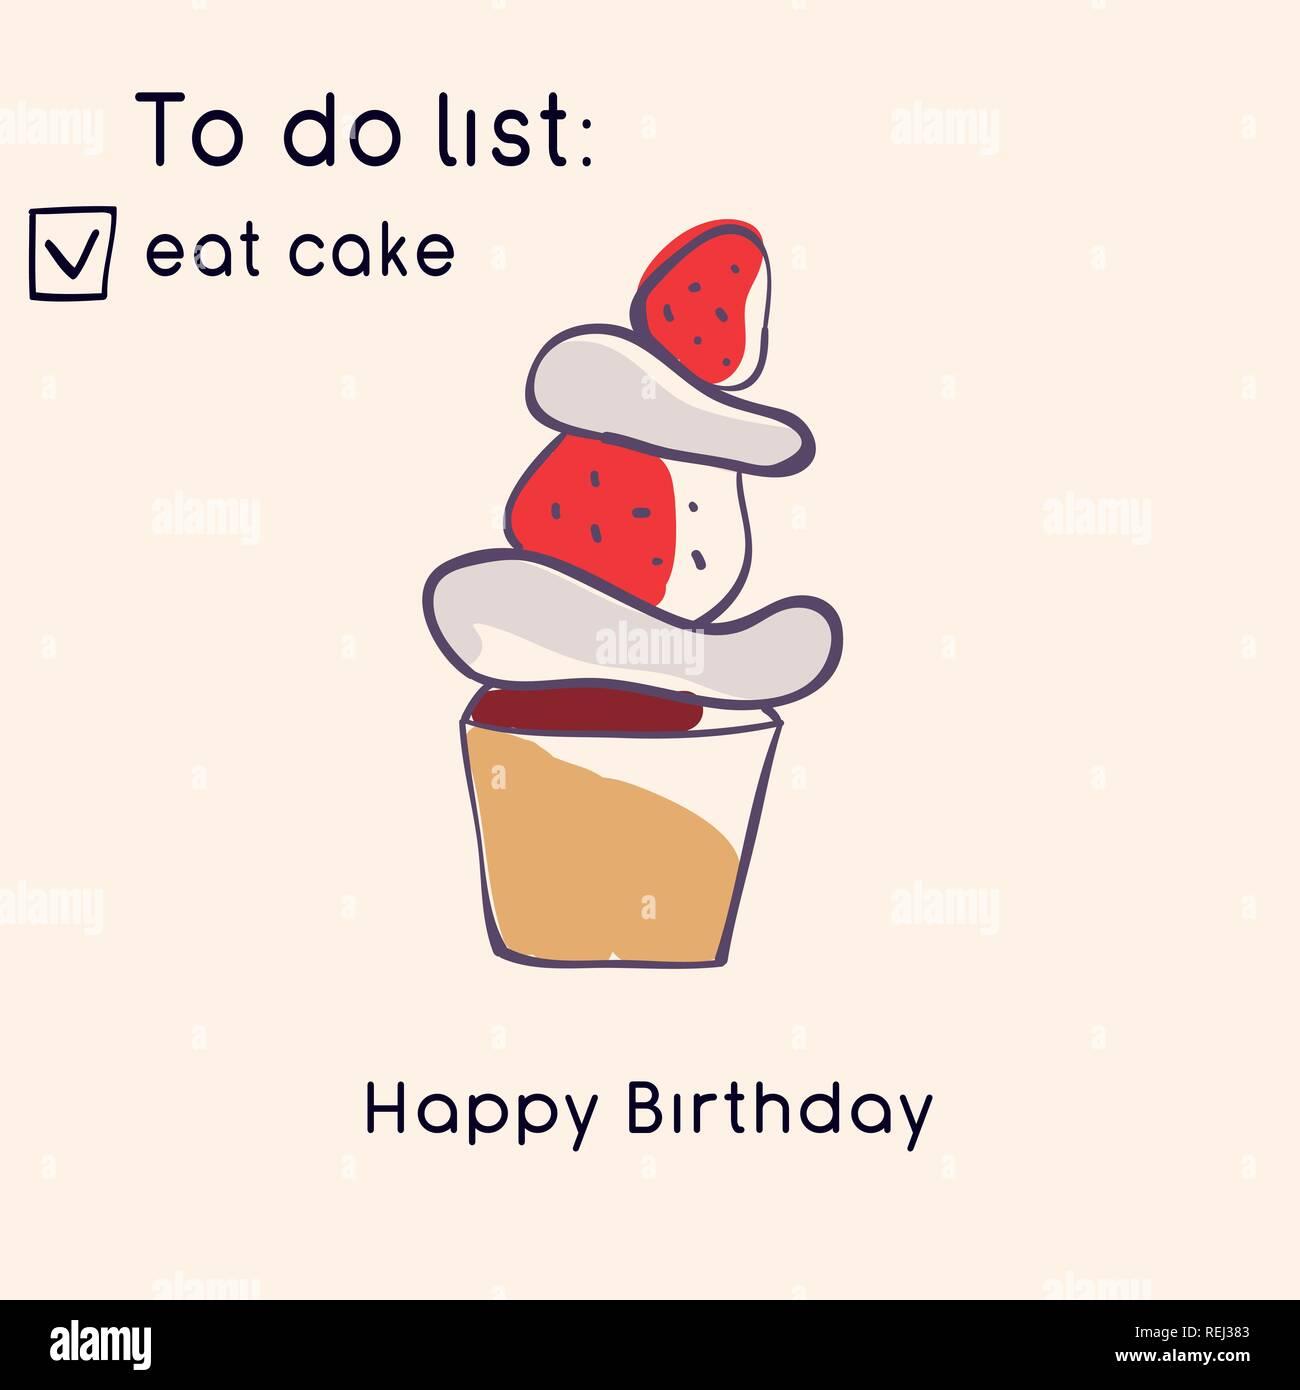 479d2cb03 Tarjeta de felicitación de cumpleaños. Ilustración estilo Doodle. Dulces y  pasteles. Ilustración vectorial